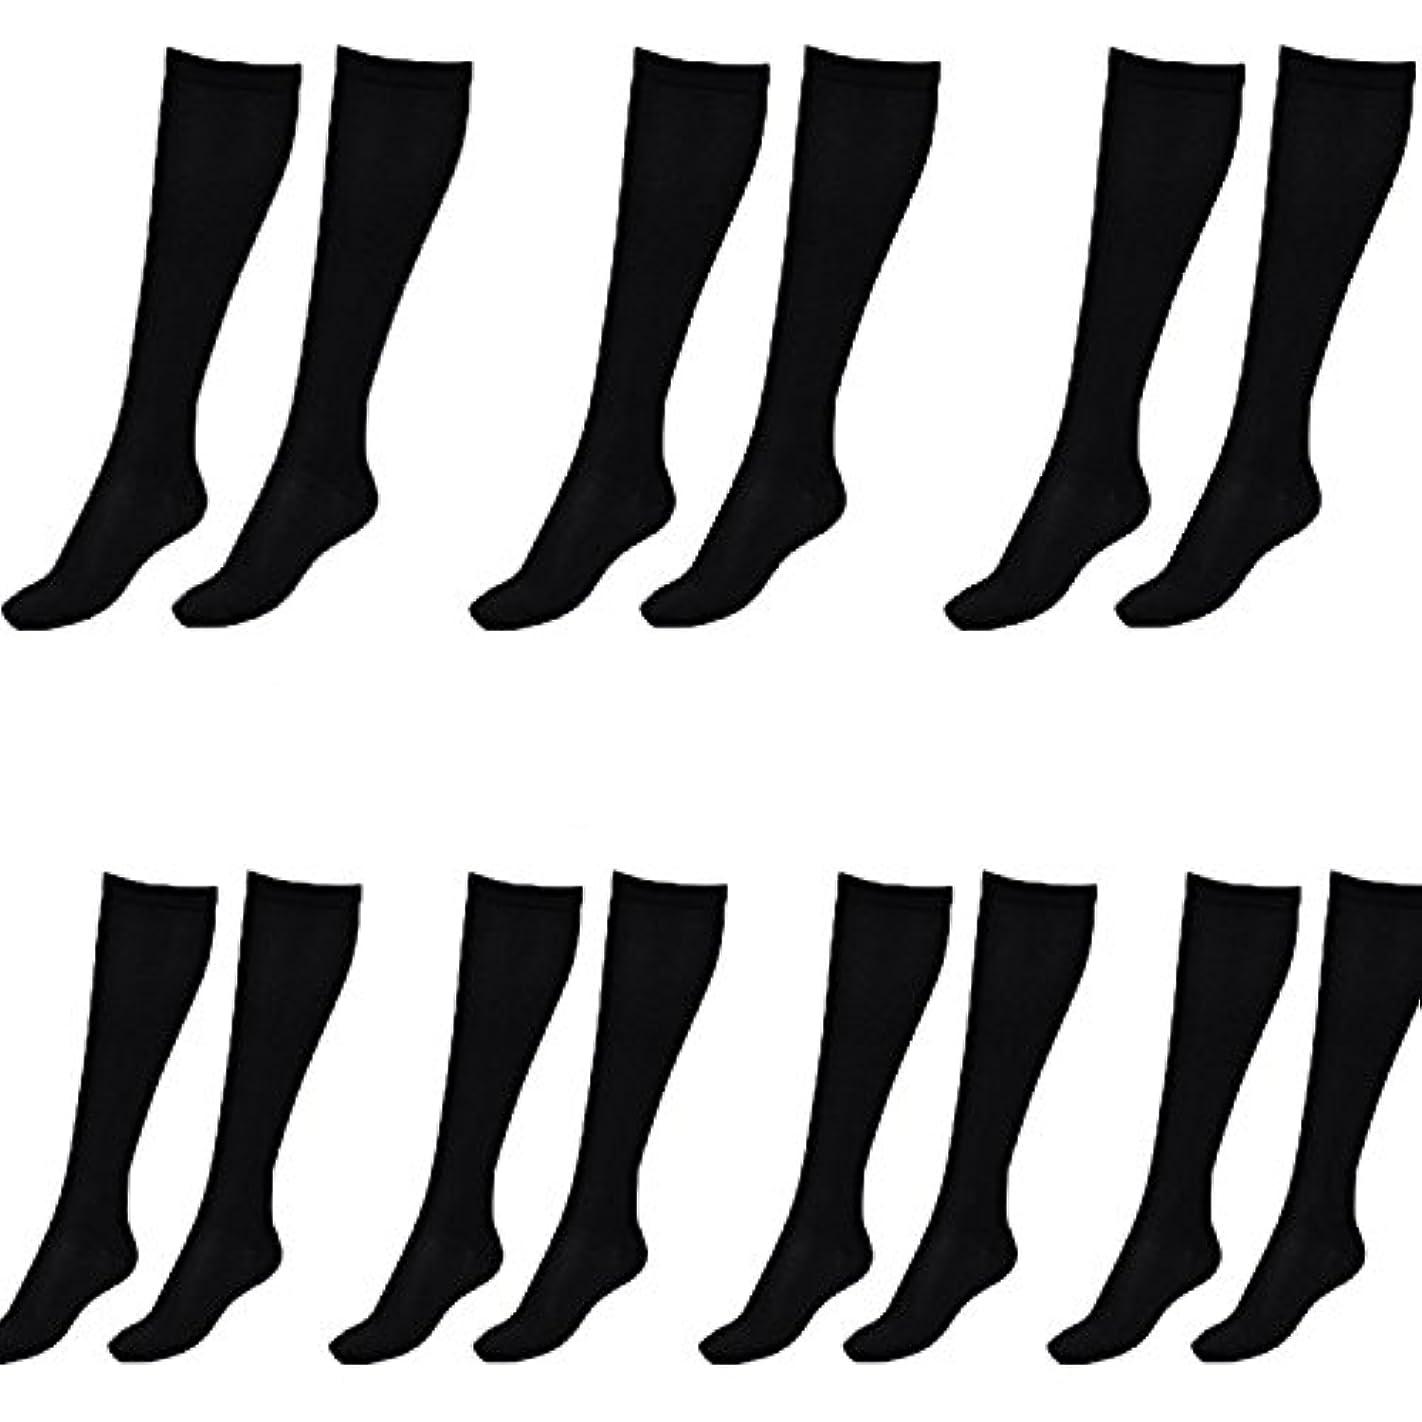 インゲンメダリスト委員会美脚X ビキャックス 強圧補正ソックス レディース 7足セット 着圧 ソックス 引き締め 伸縮 靴下